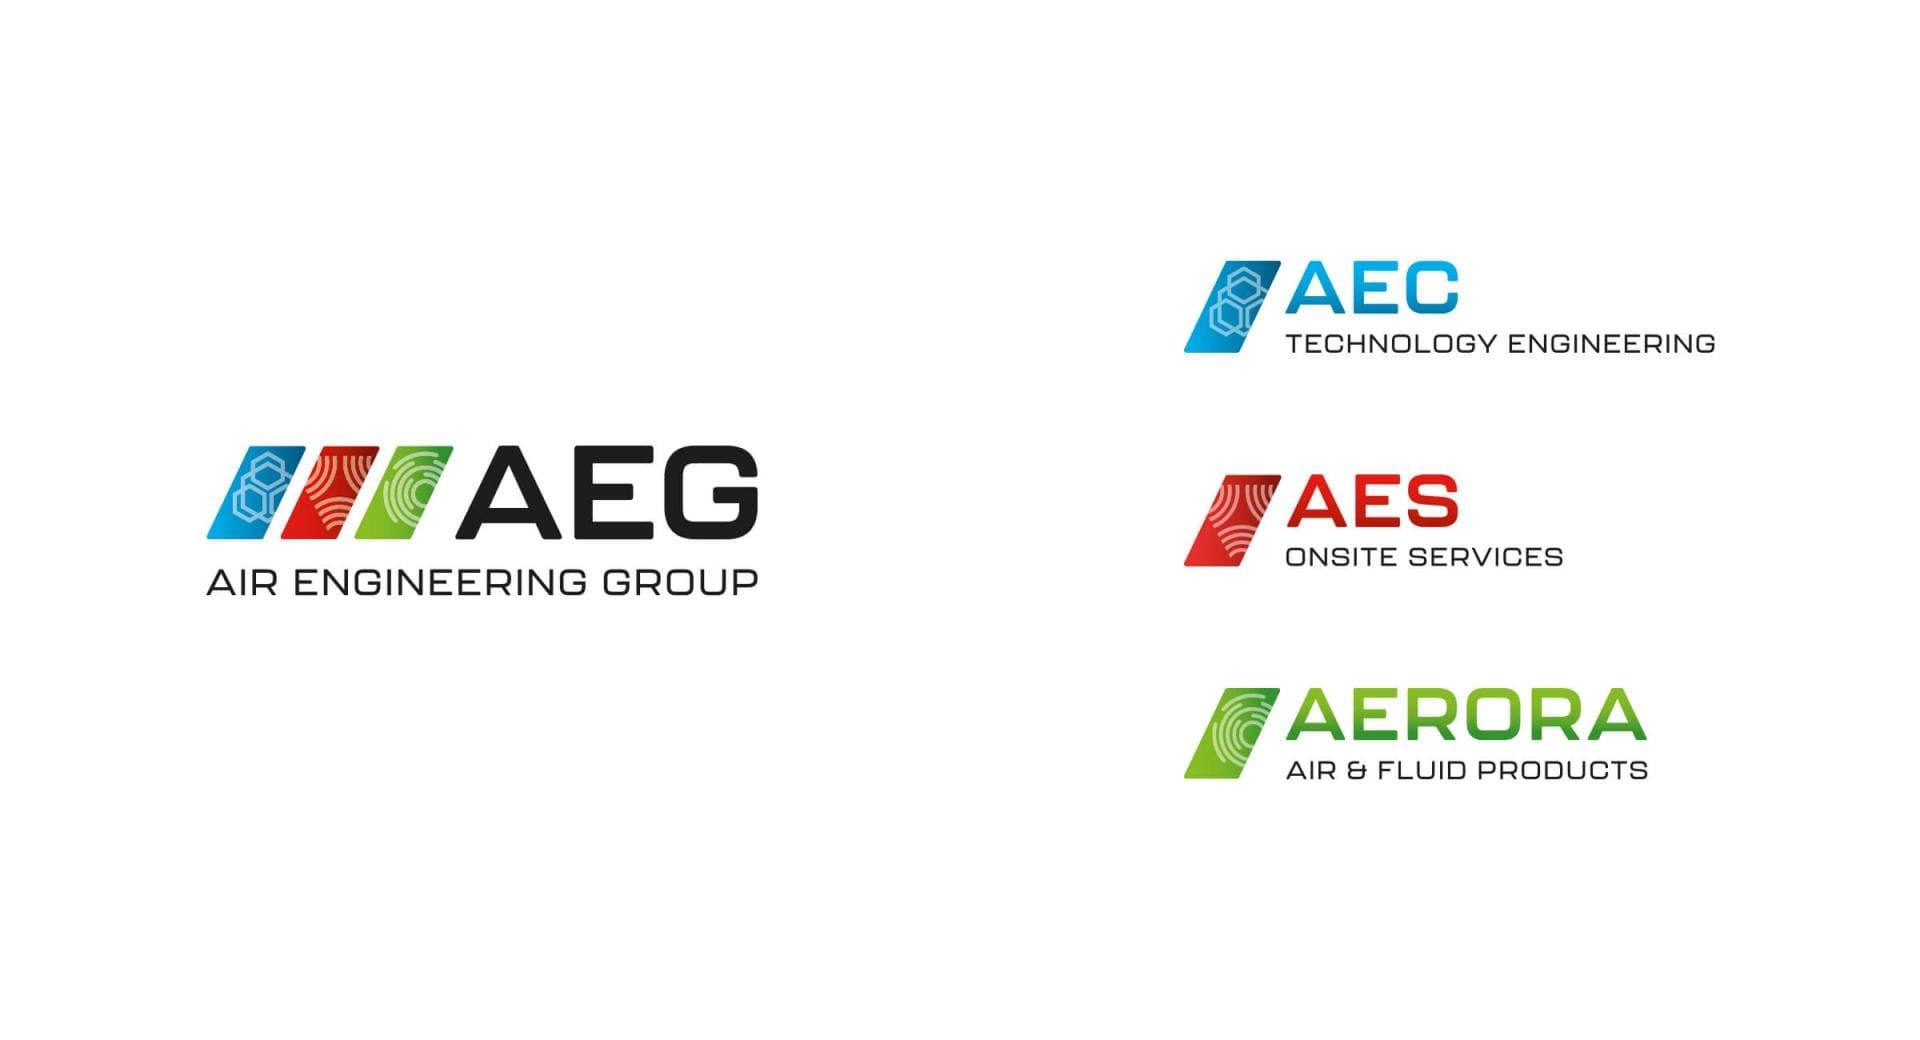 Air Engineering Group Rebrand